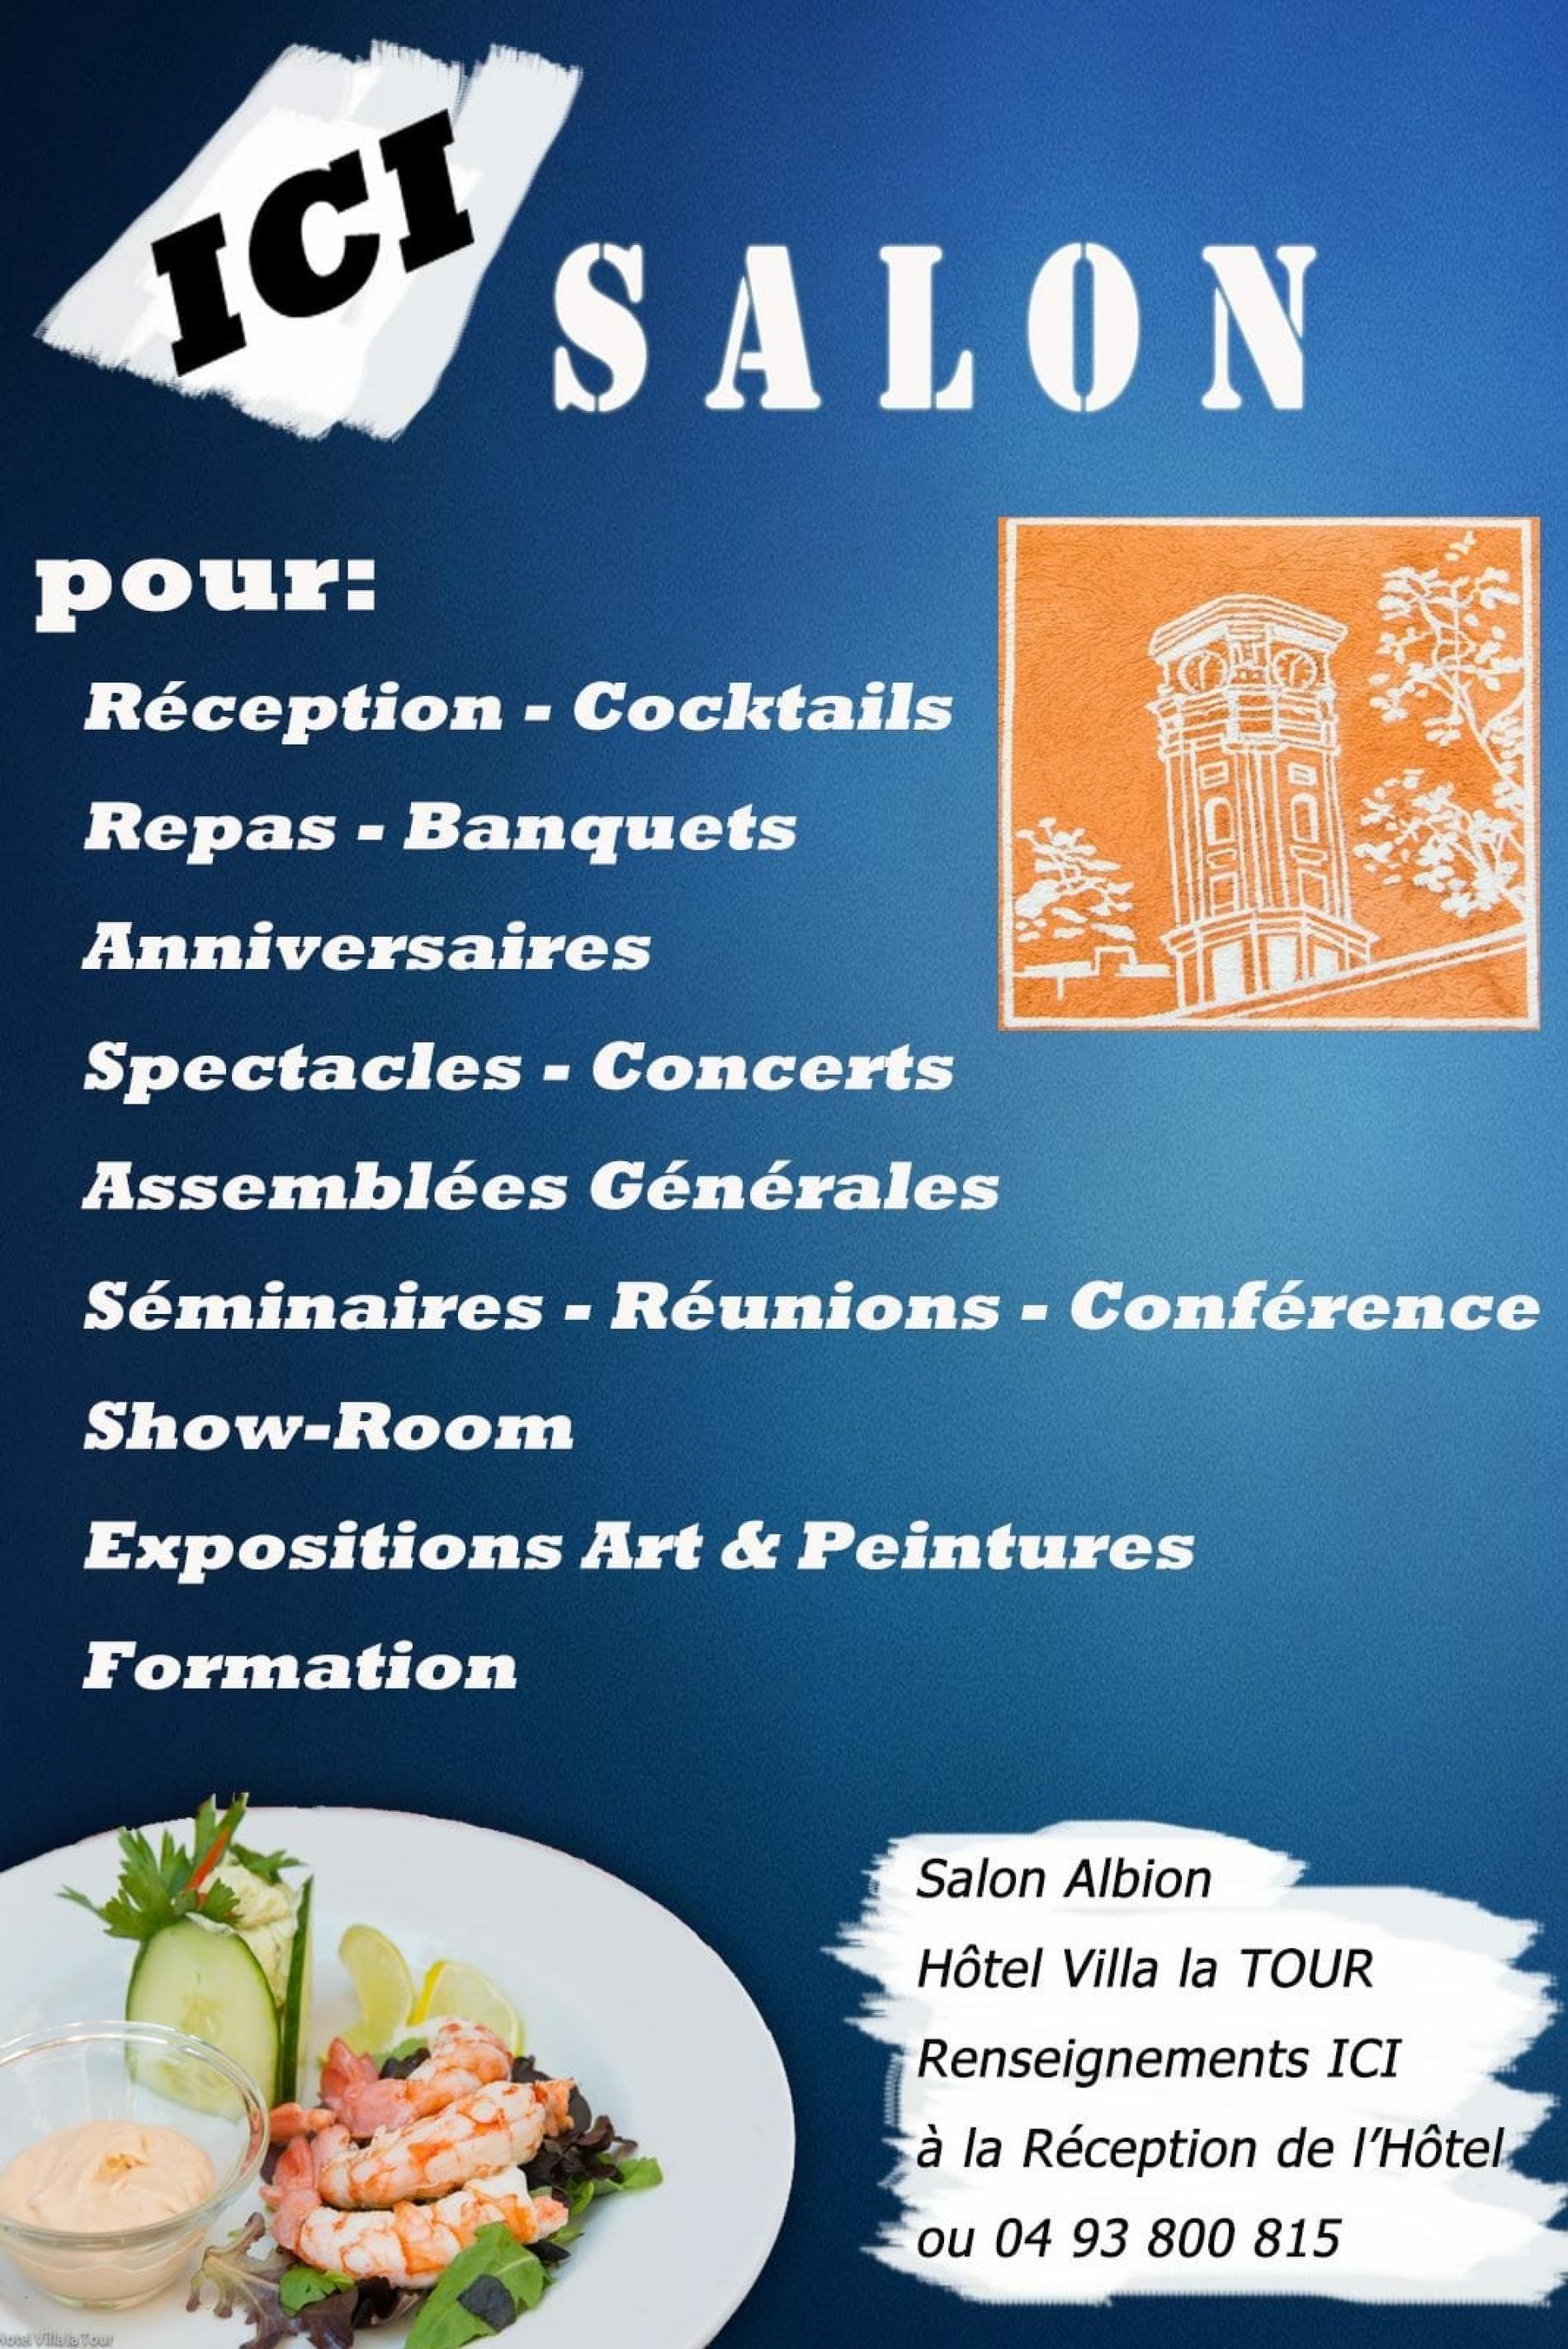 Salon Albion